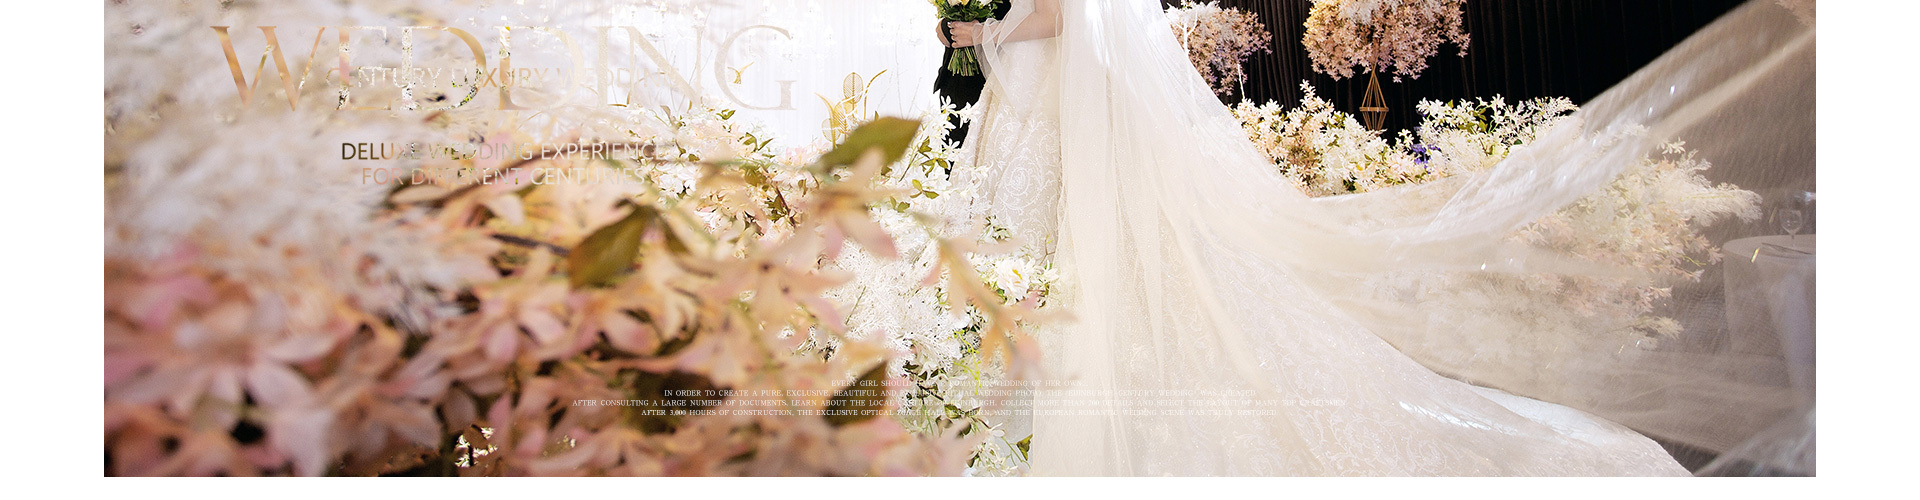 —仪式感的最高呈现—《爱丁堡-世纪婚礼》